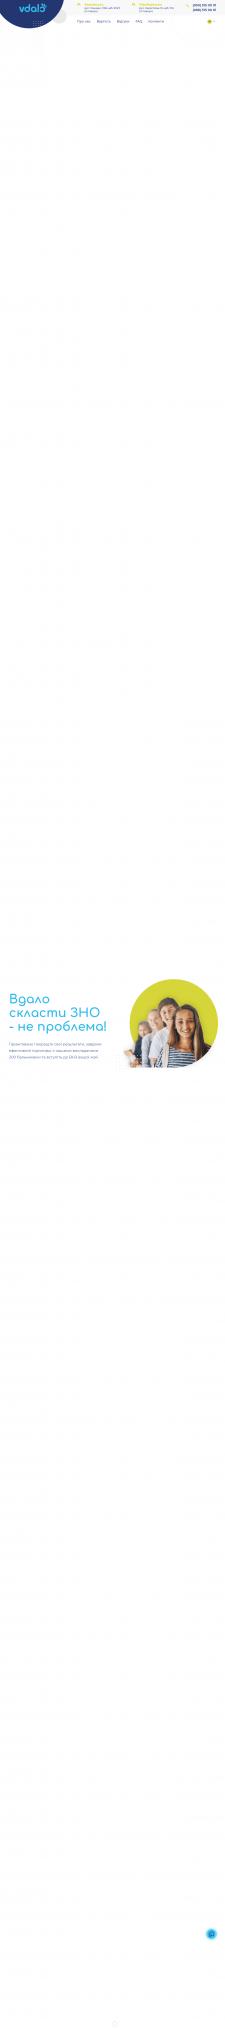 Вычитка на грамматику и перевод страниц сайта